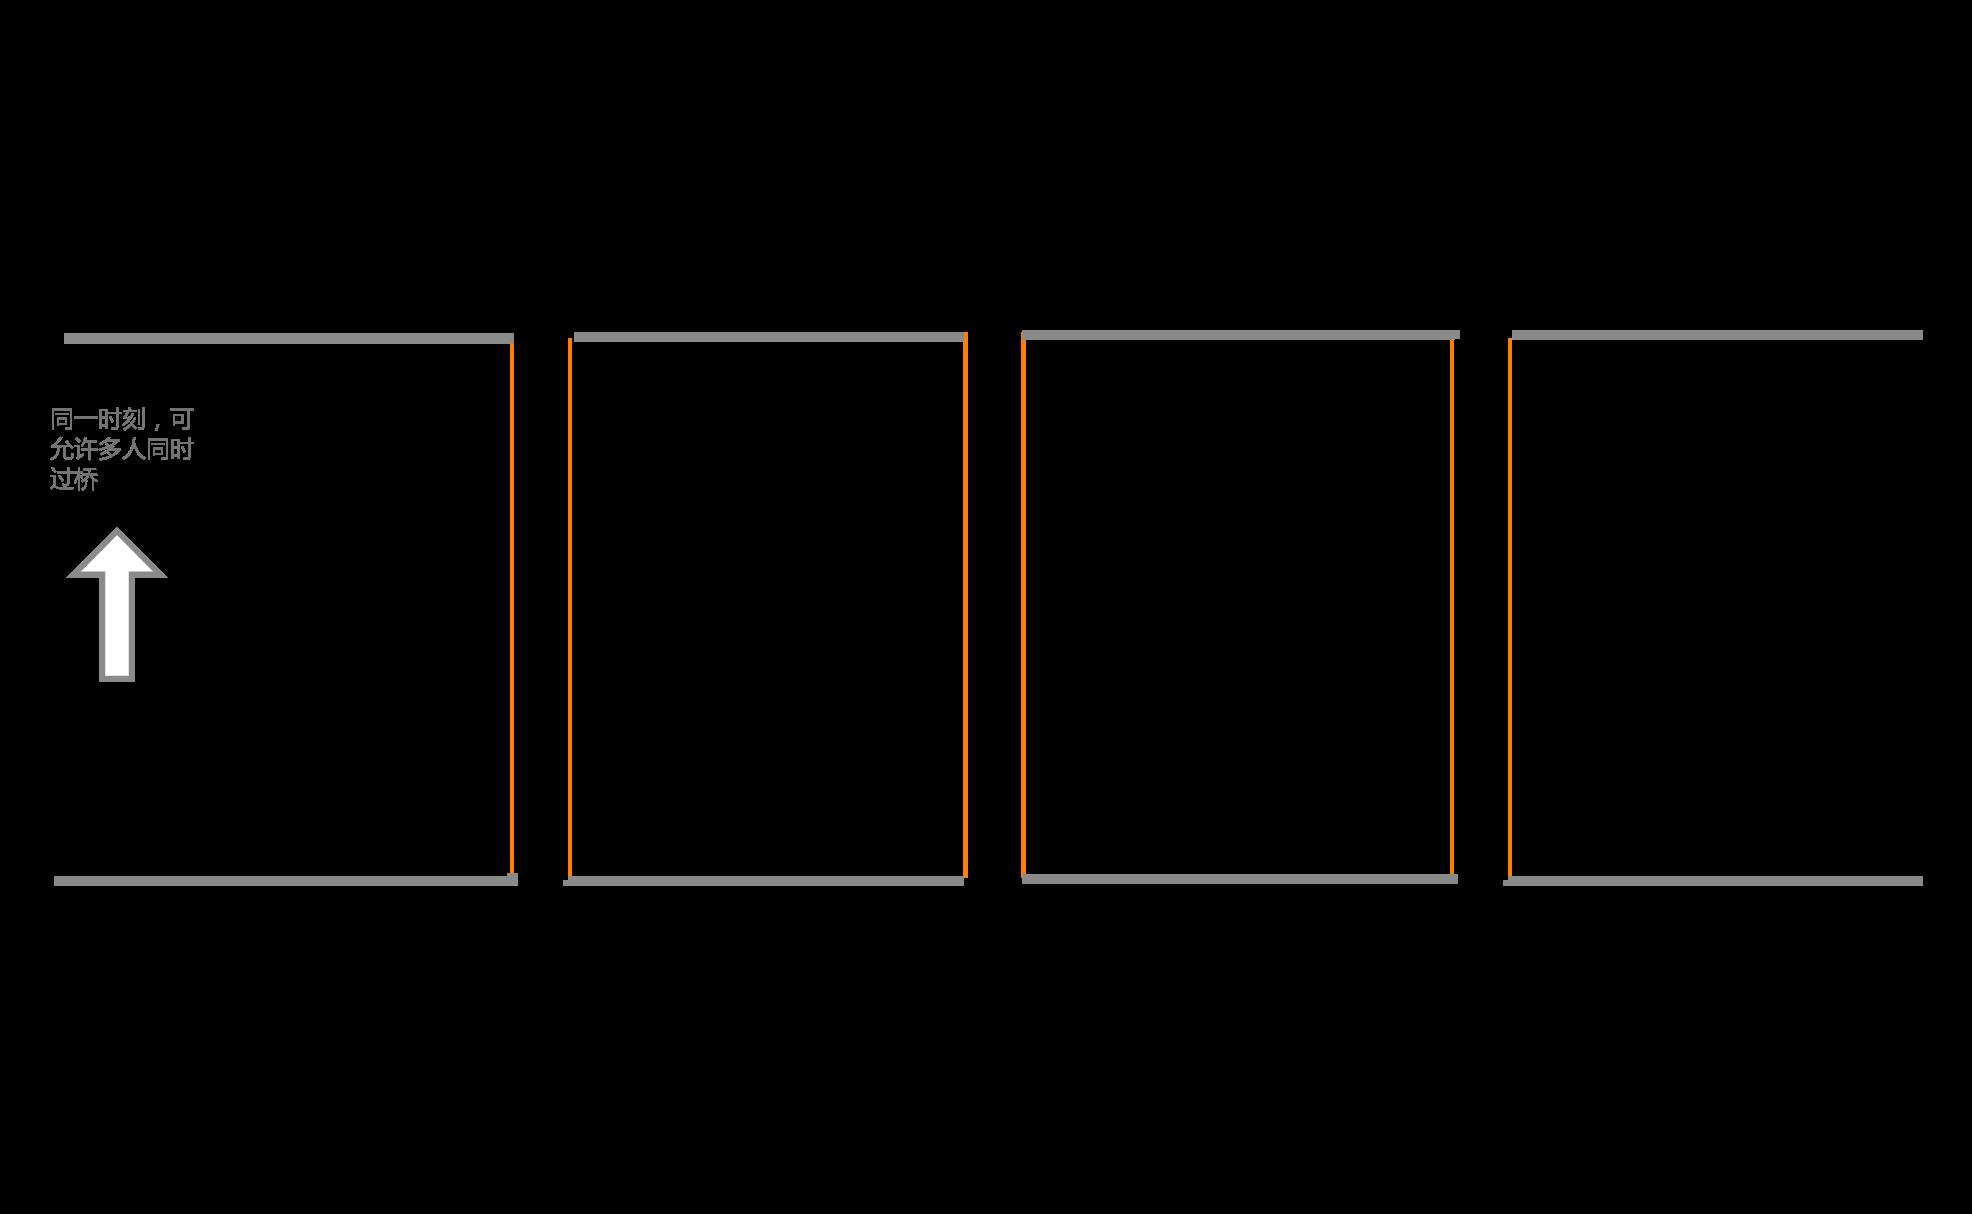 深入理解Java併發框架AQS系列(四):共享鎖(Shared Lock)